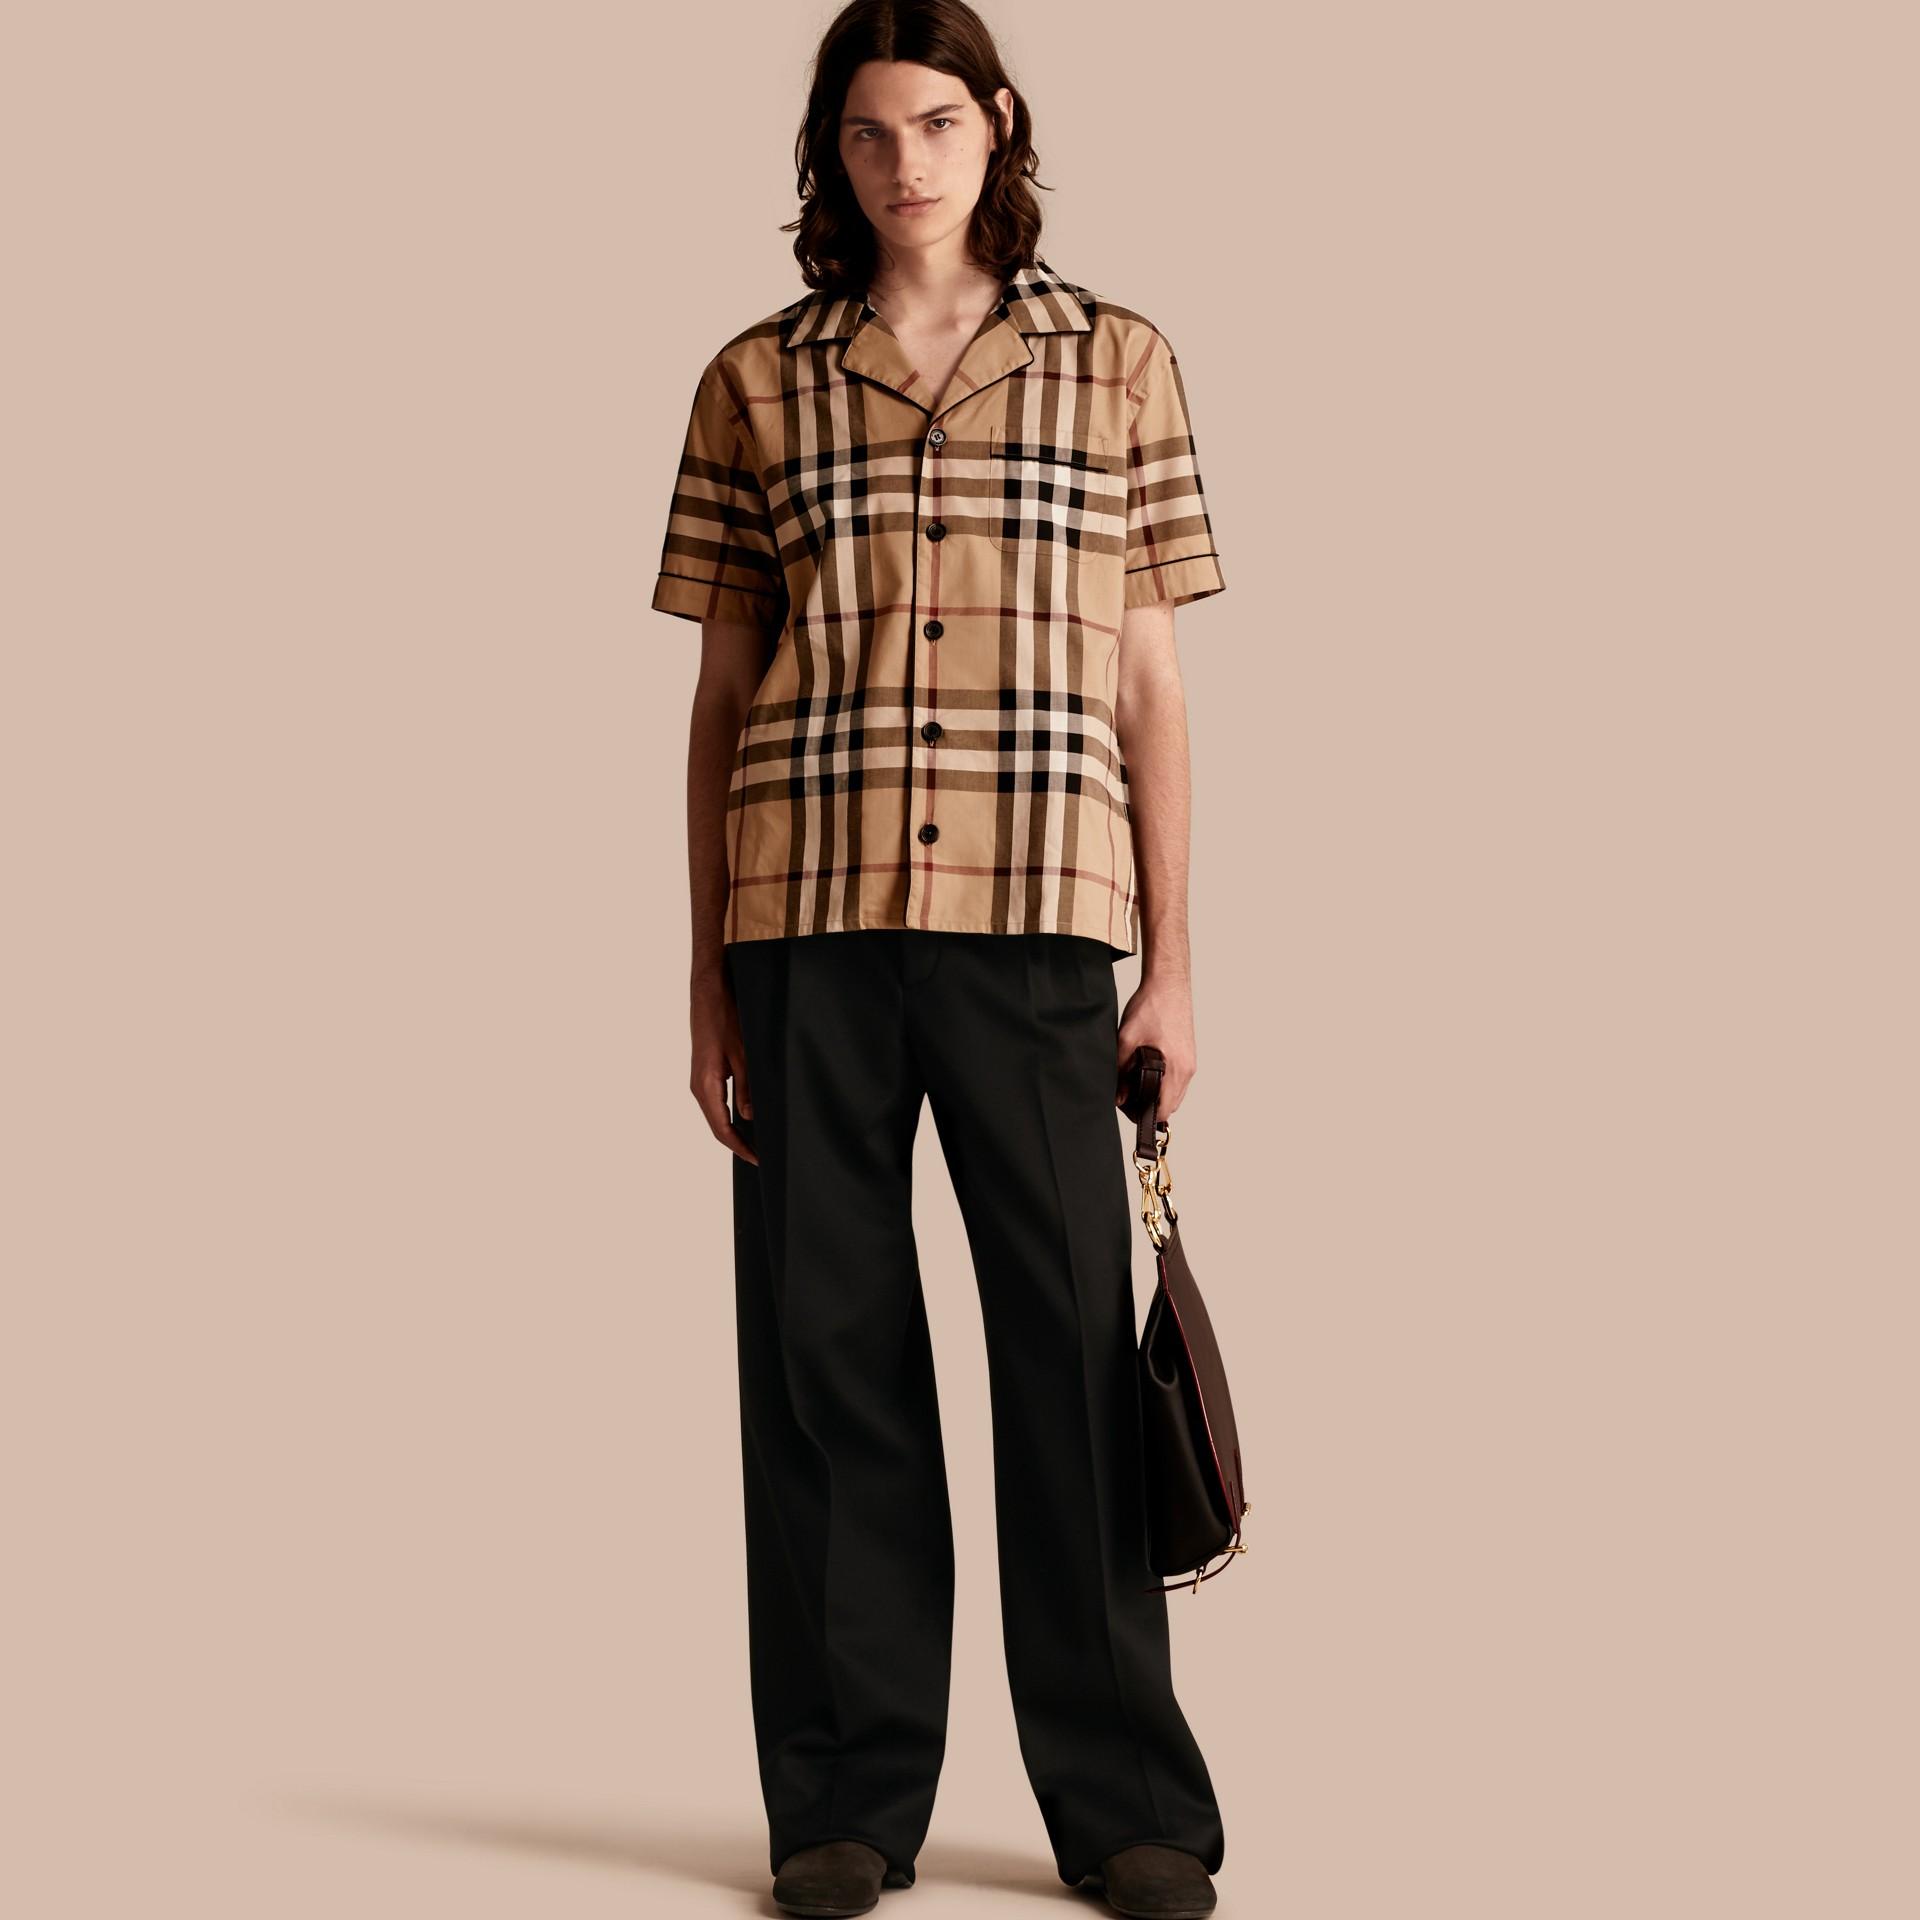 Camel Chemise de style pyjama à manches courtes en coton à motif check Camel - photo de la galerie 1